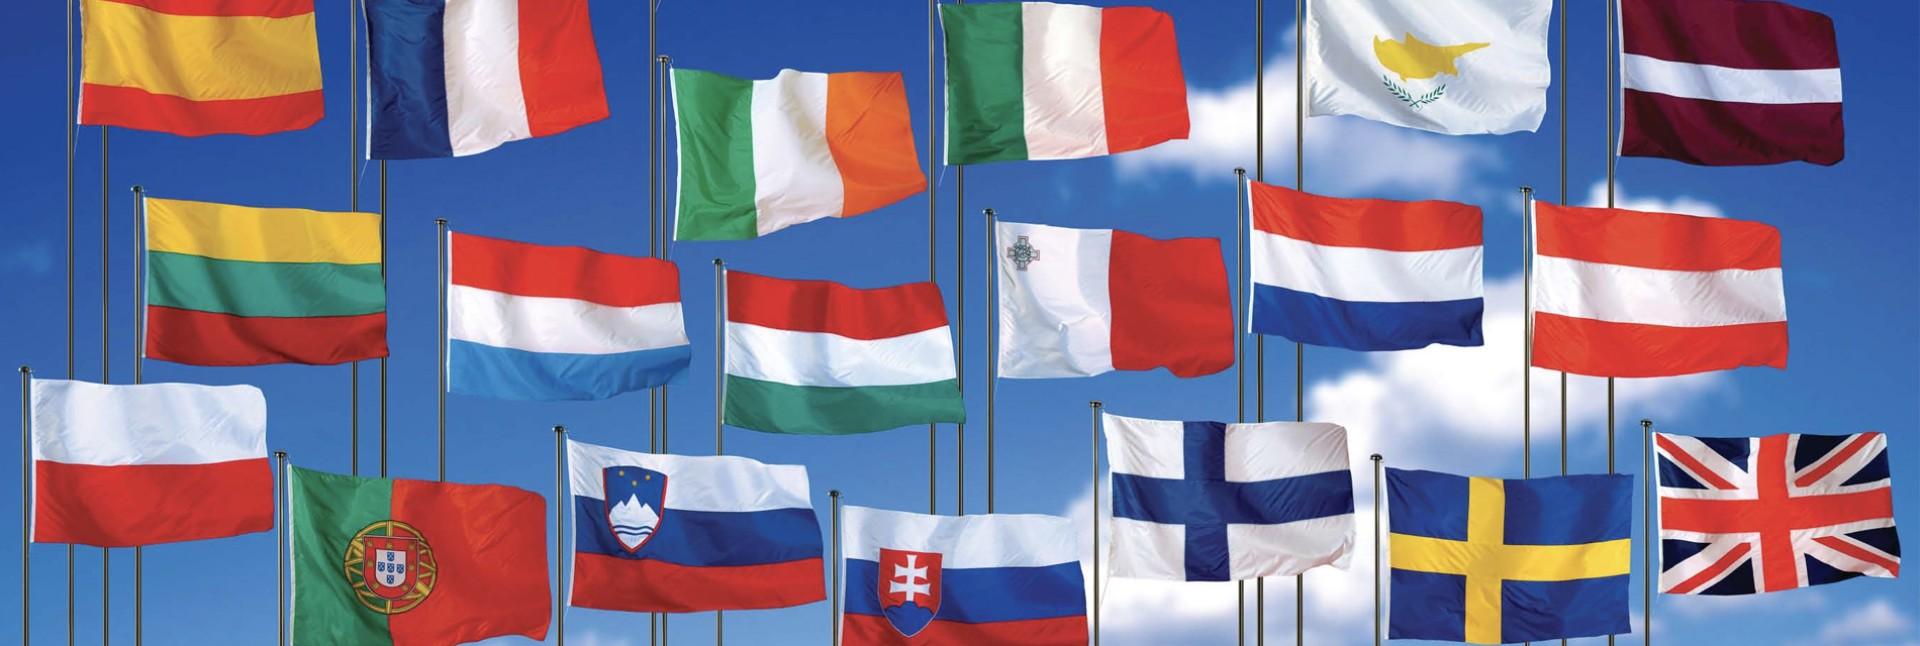 26 сентября - Европейский день языков в КФУ